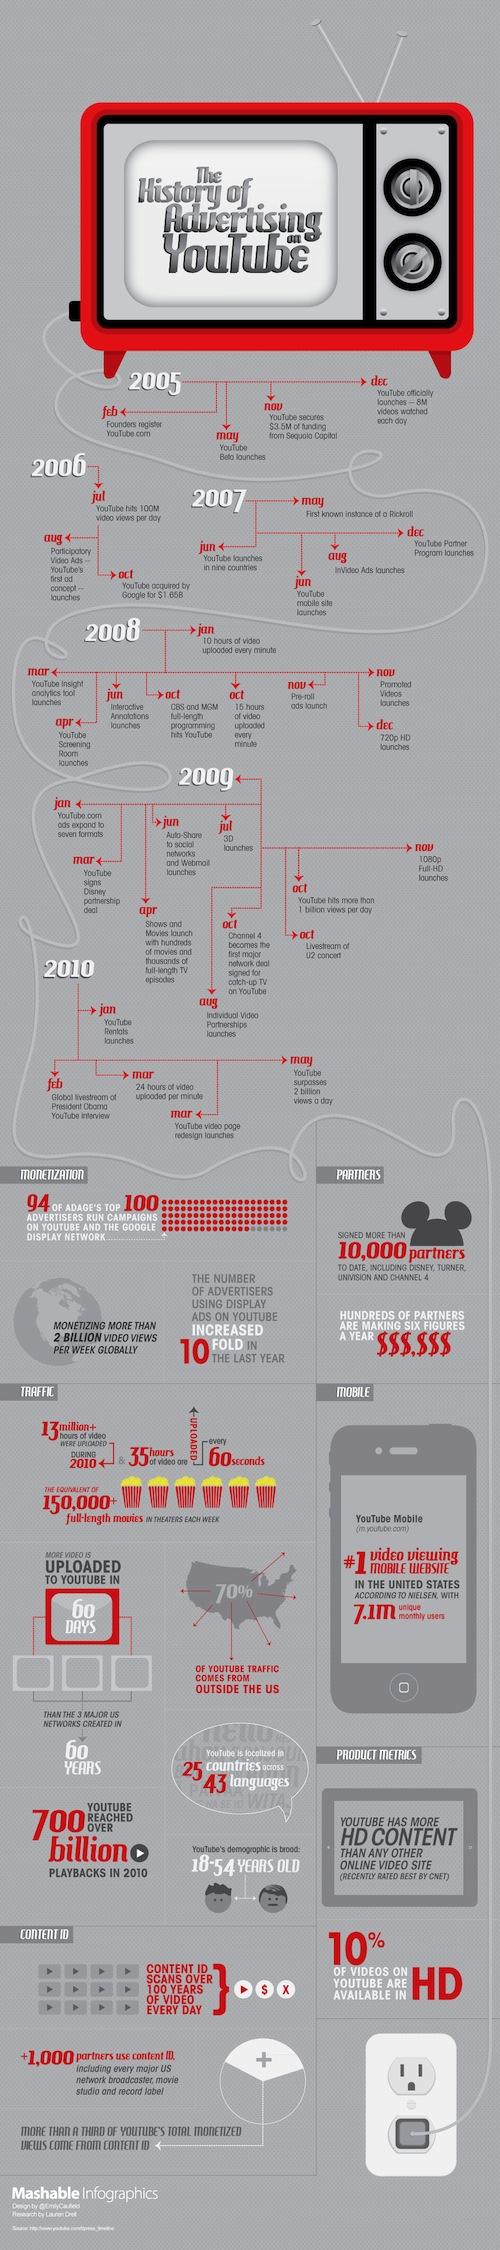 La historia de la publicidad en Youtube [infografía] - youtube-advertising